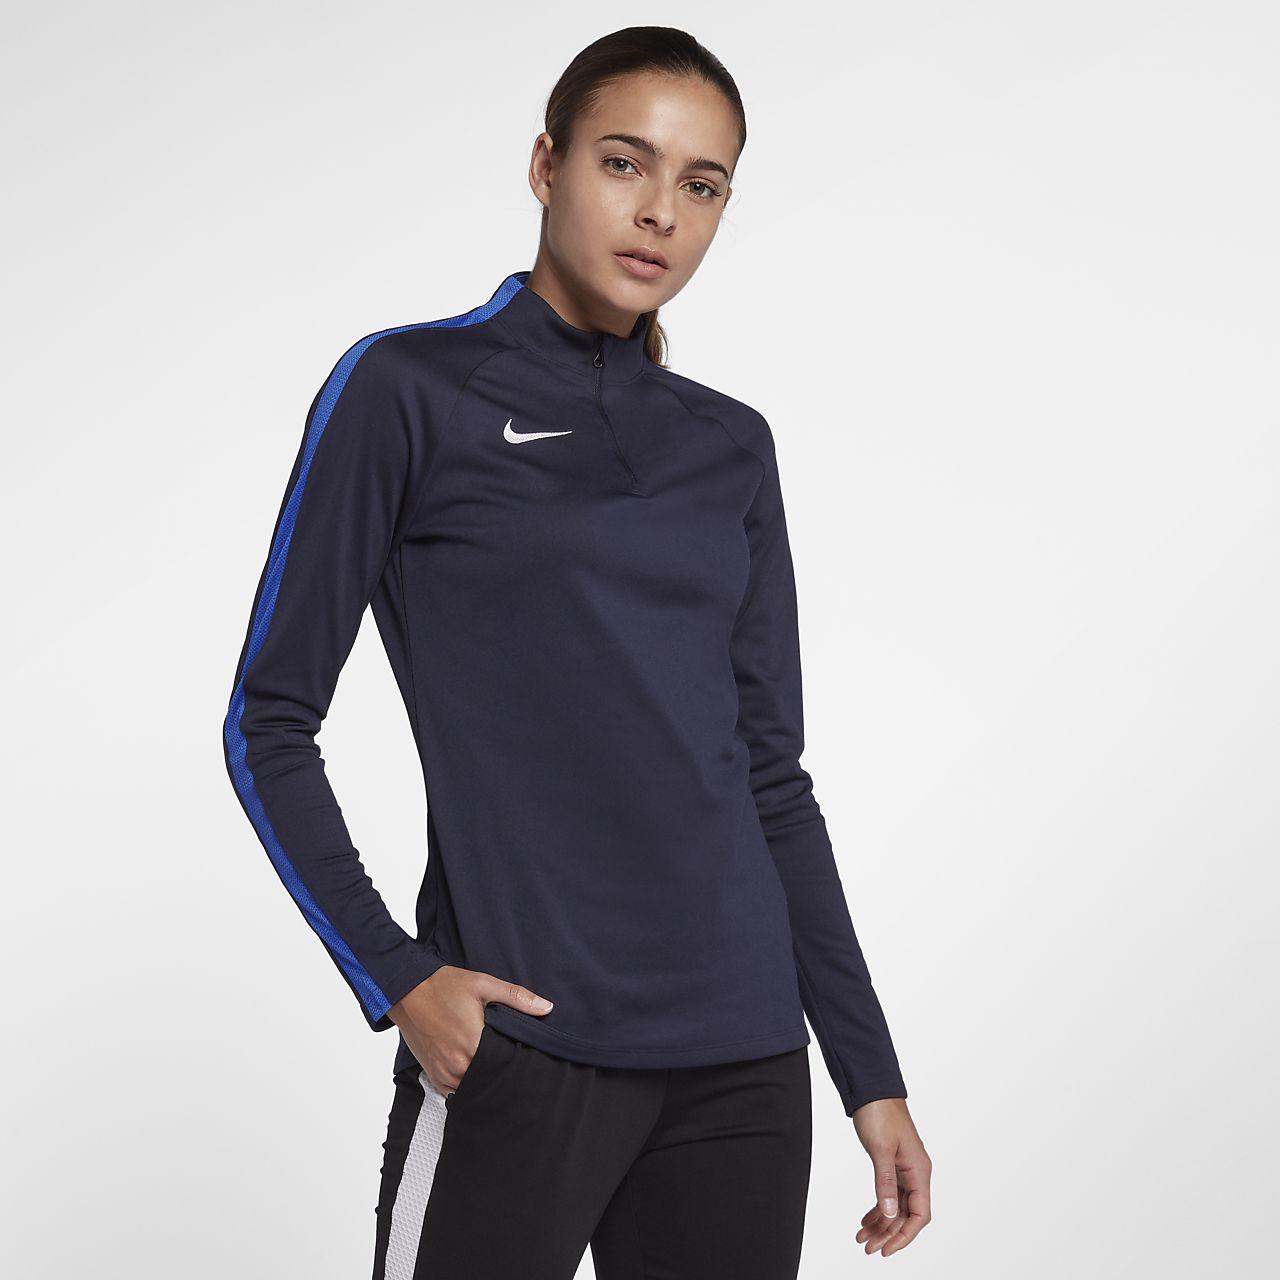 Lunga A Nike Academy Da Donna Manica Dri Maglia Drill Calcio Fit EqXIwnqHZ